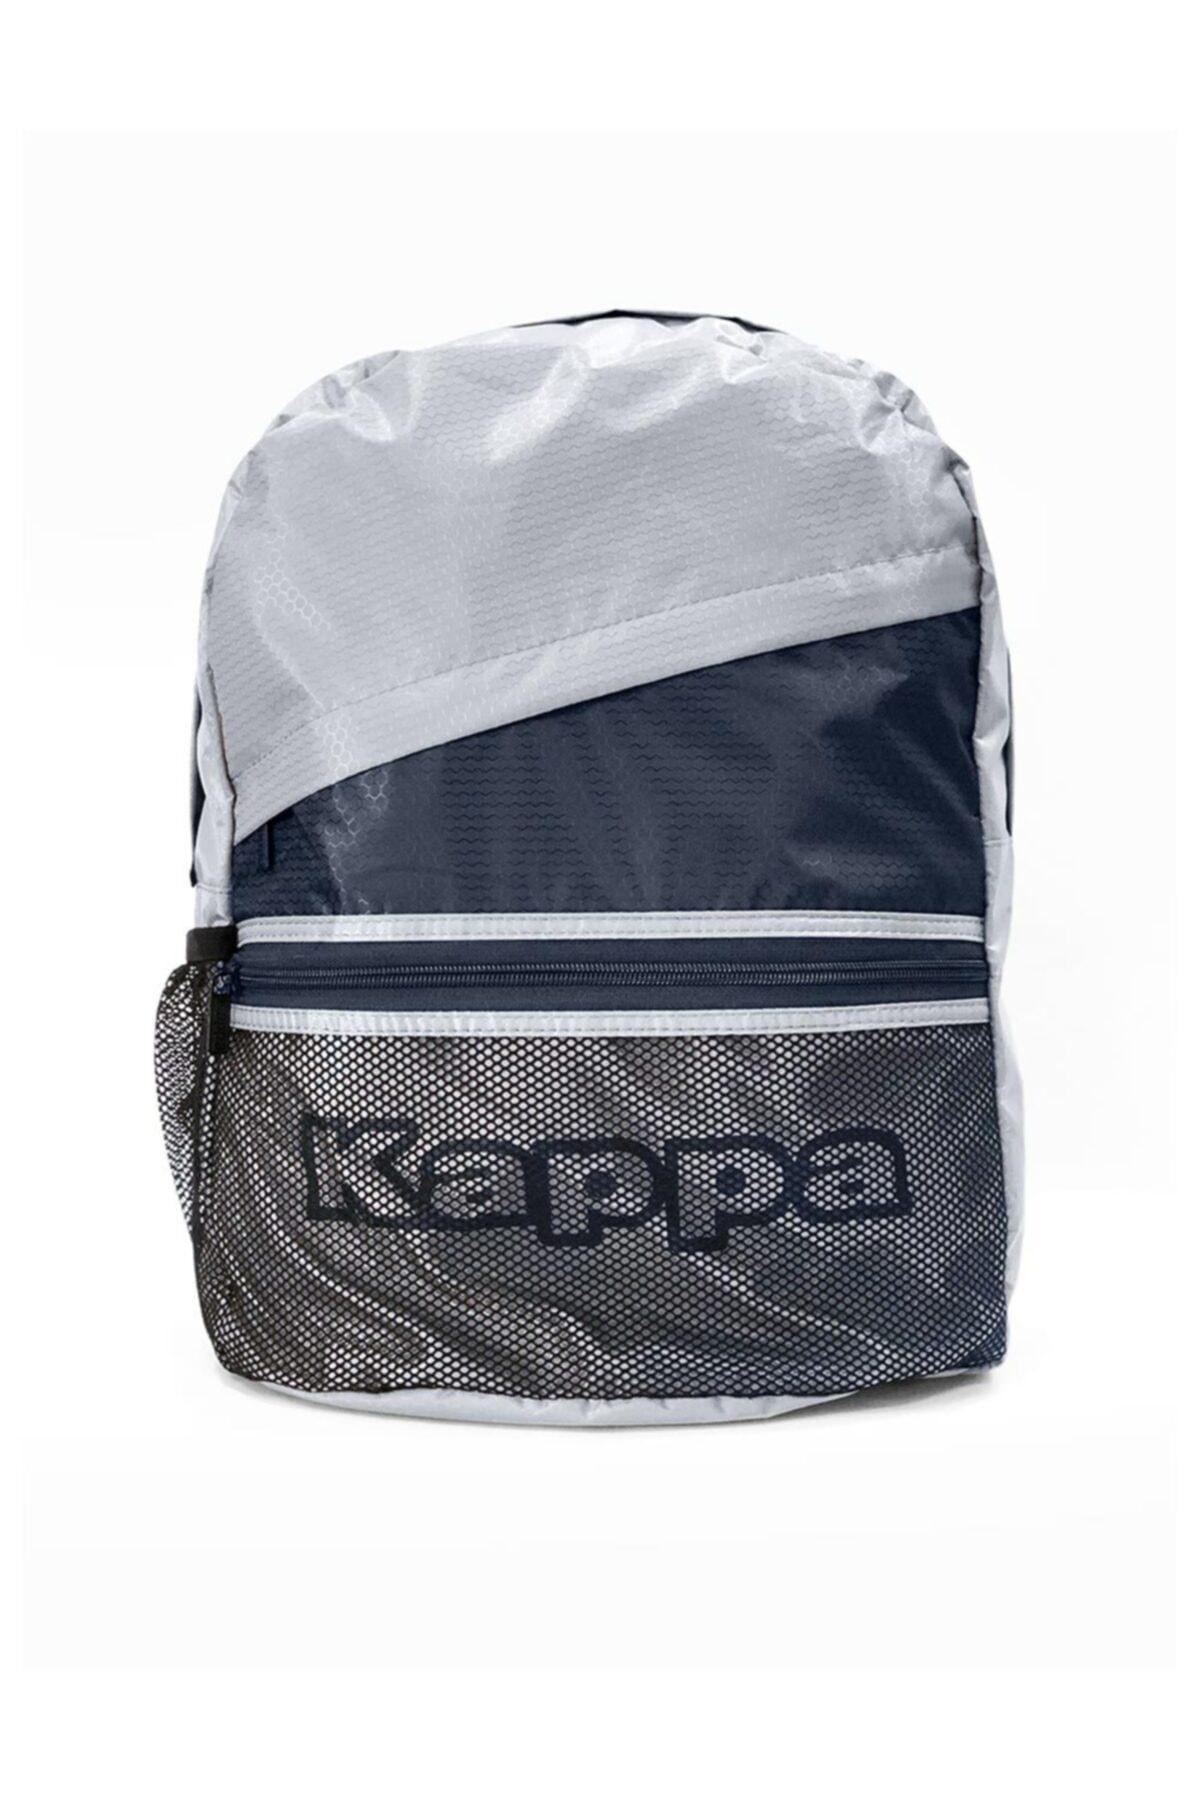 Kappa Unisex Gri Biza Sırt Çantası 1